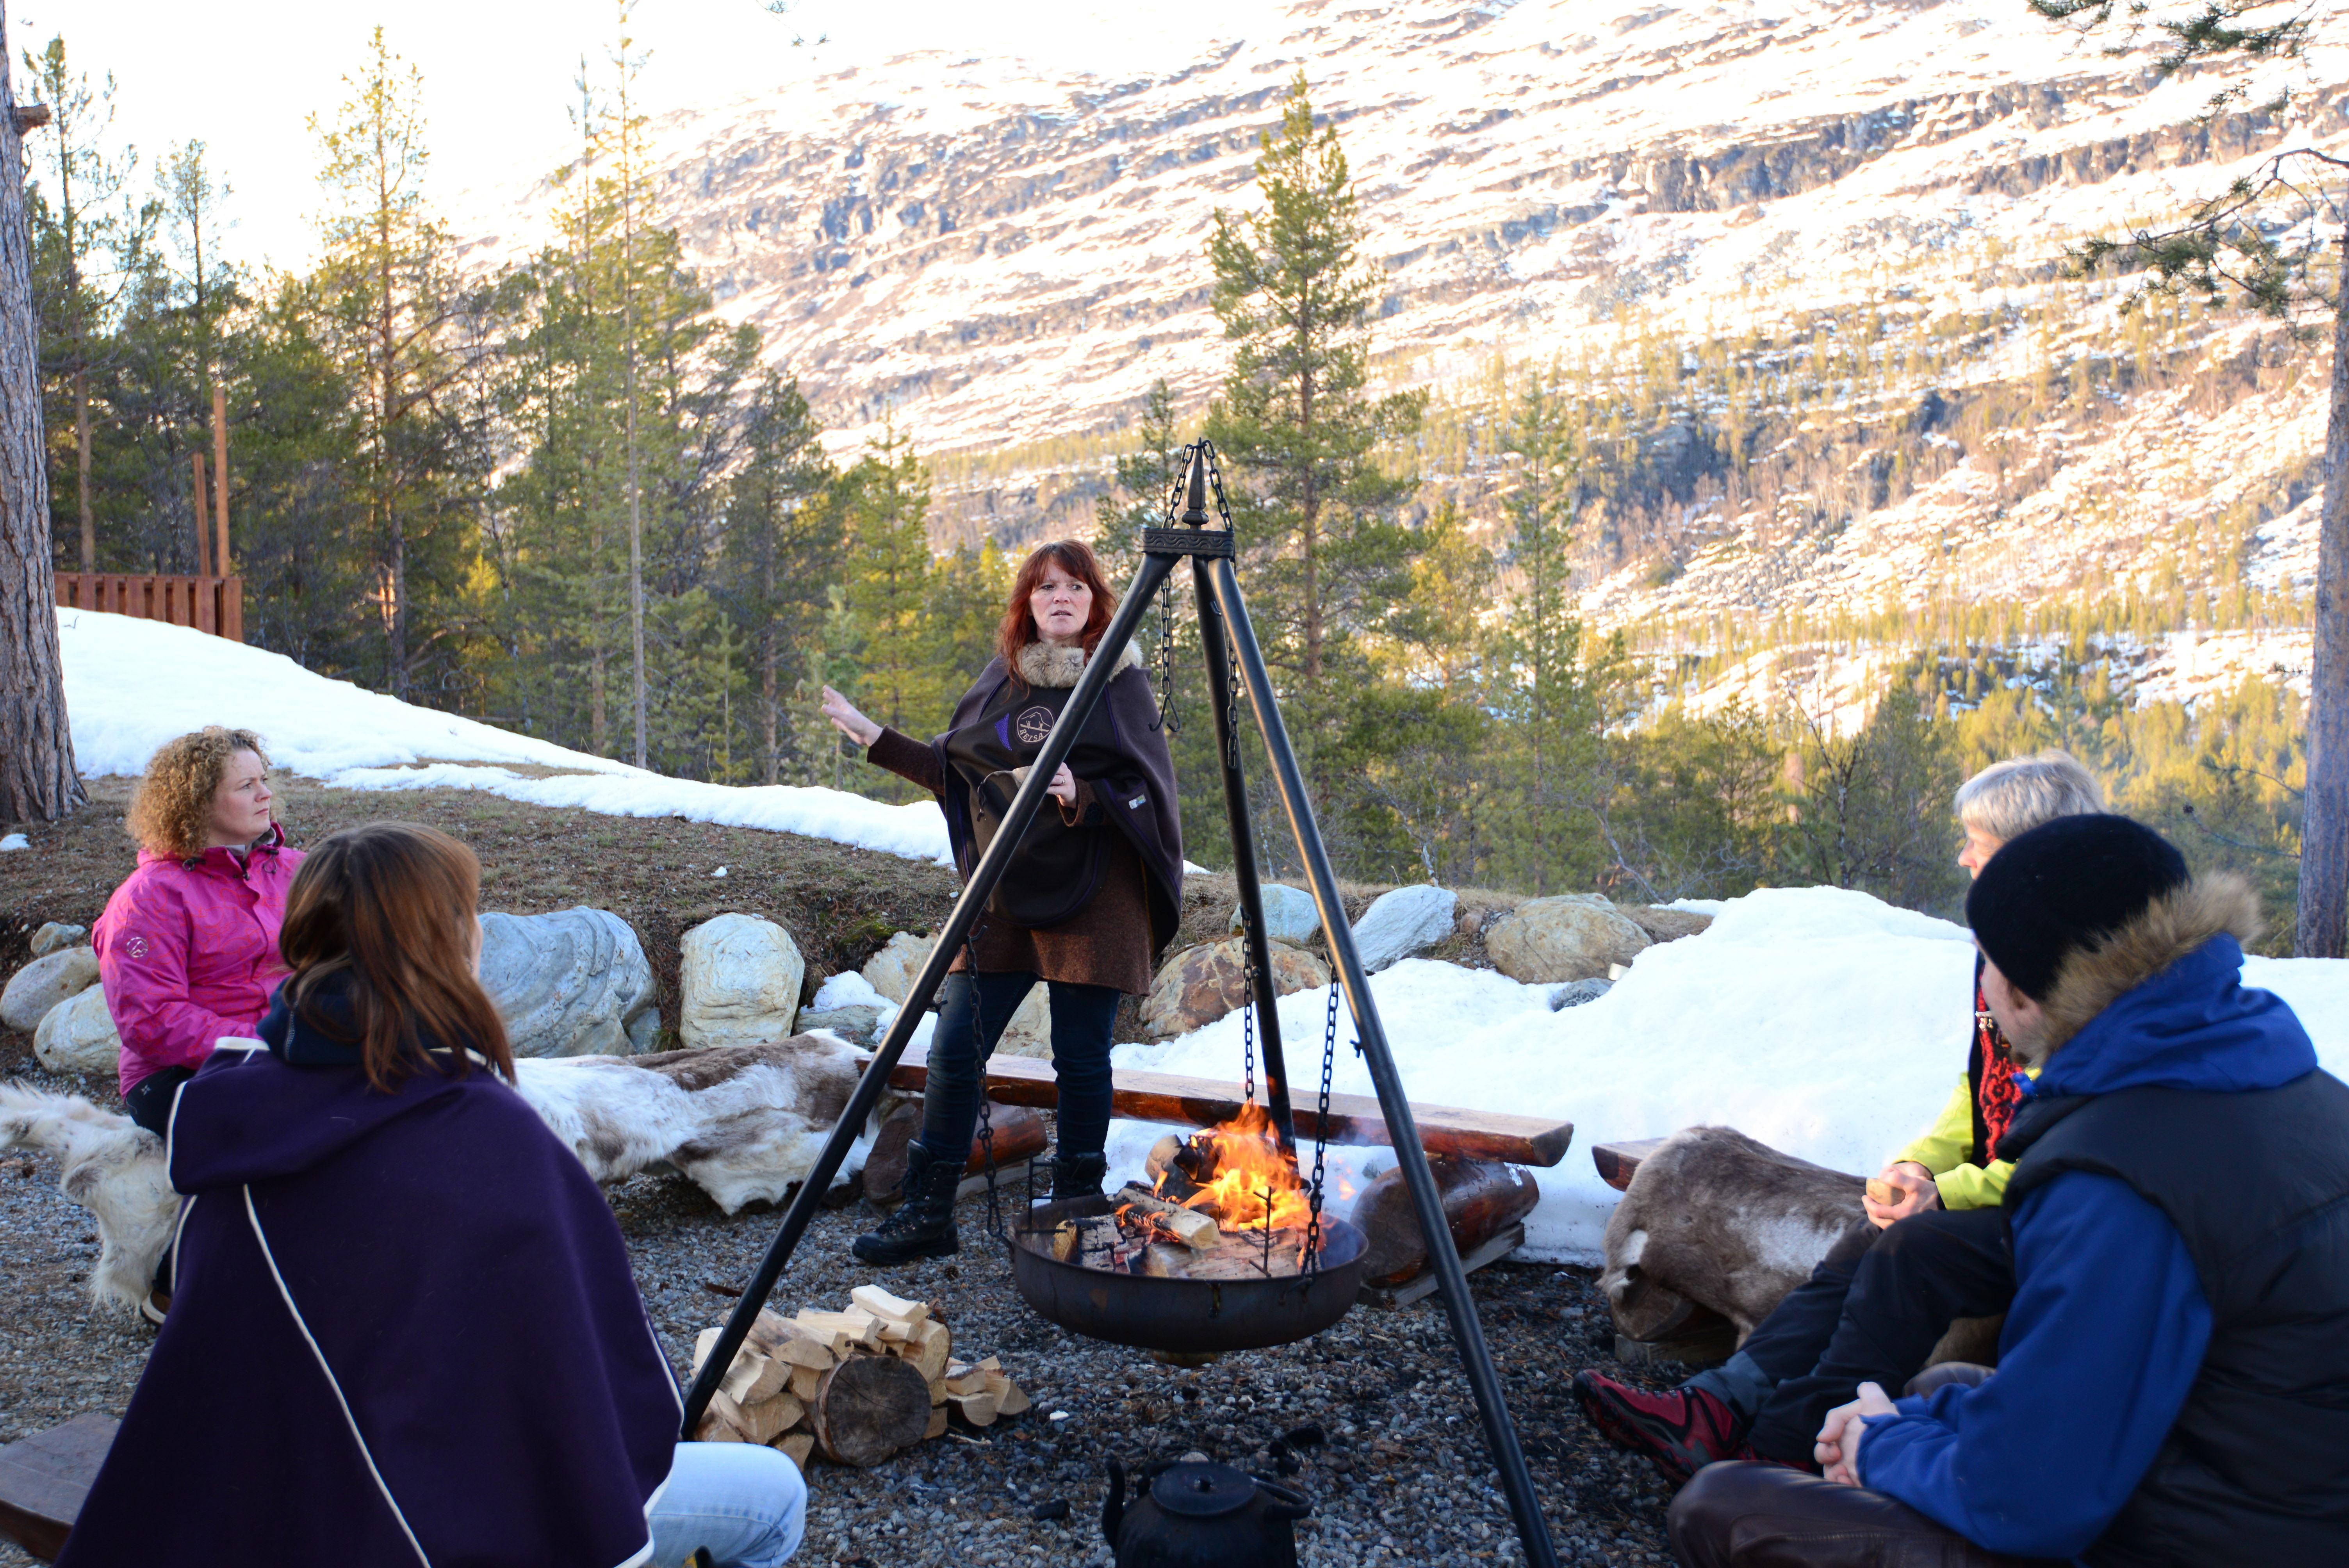 Wilderness Experience at Visitor Point Reisadalen